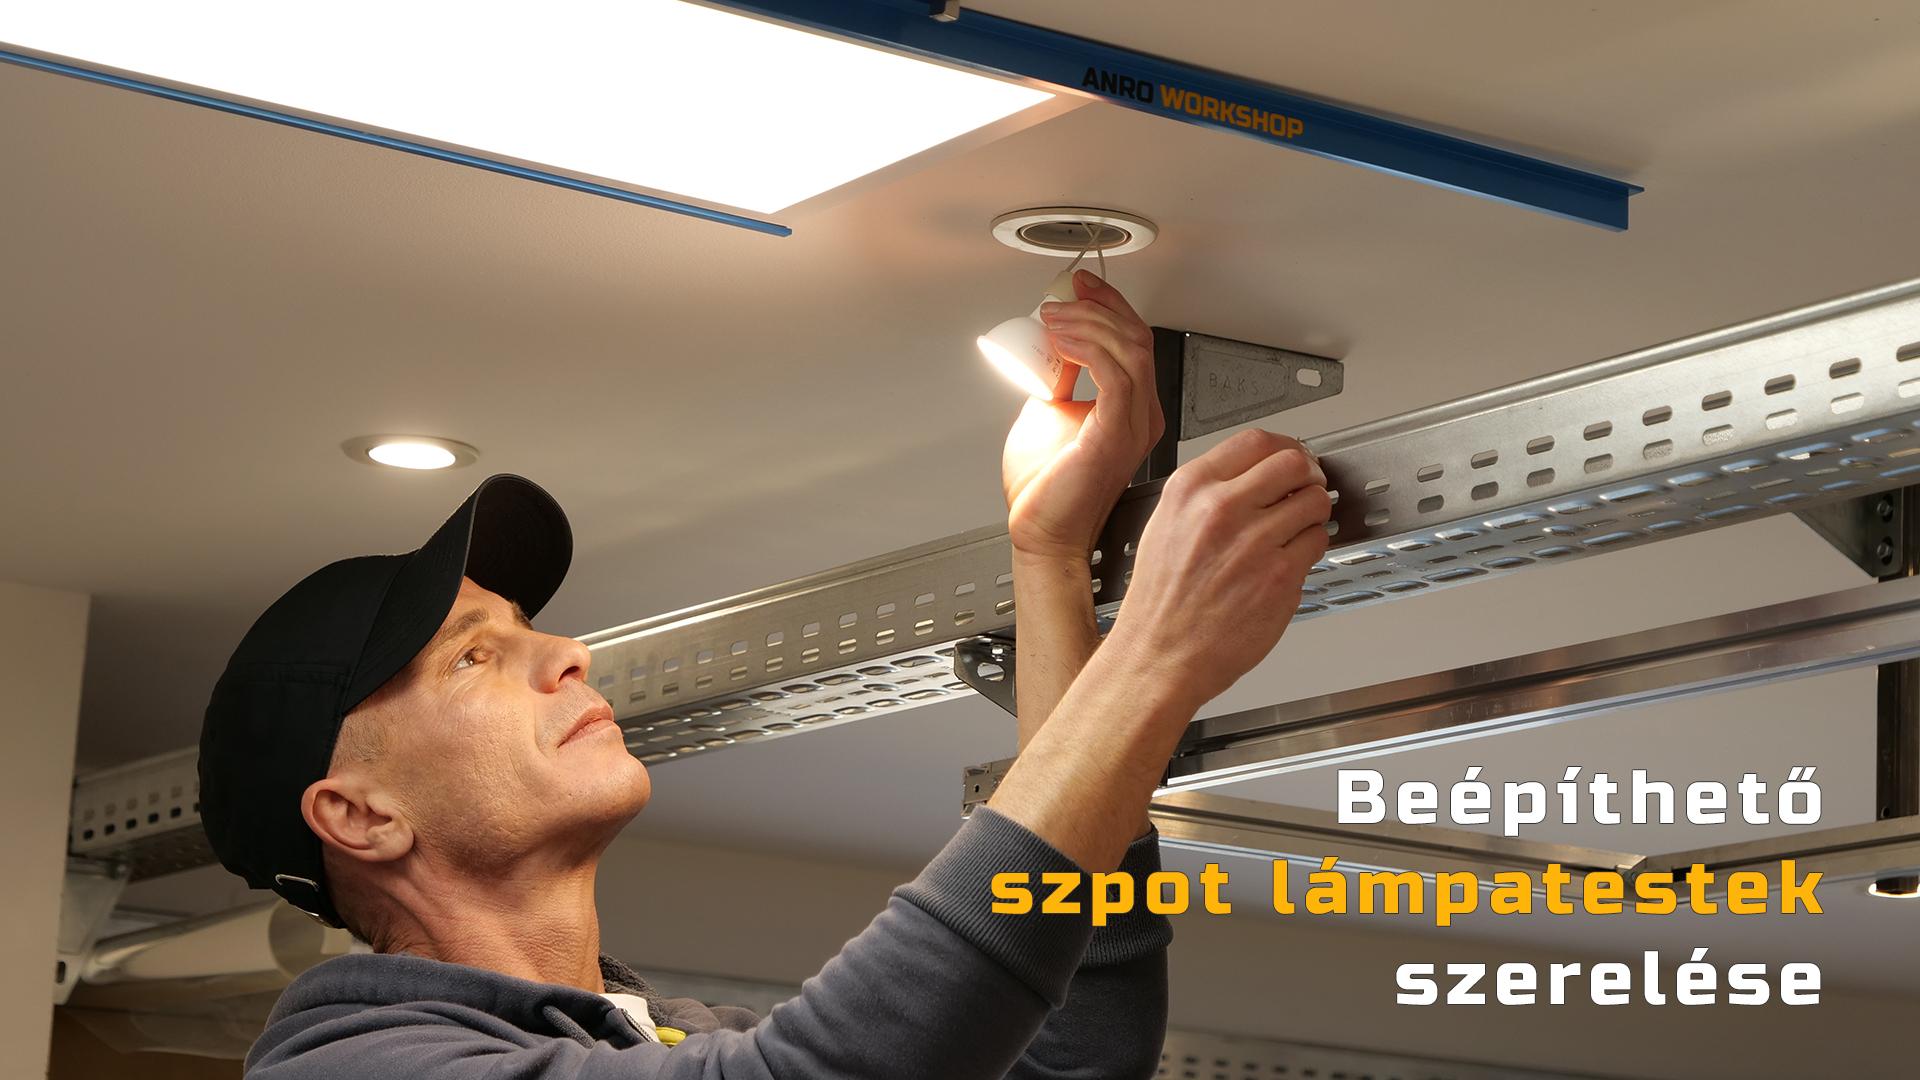 Spot lámpa beépítés